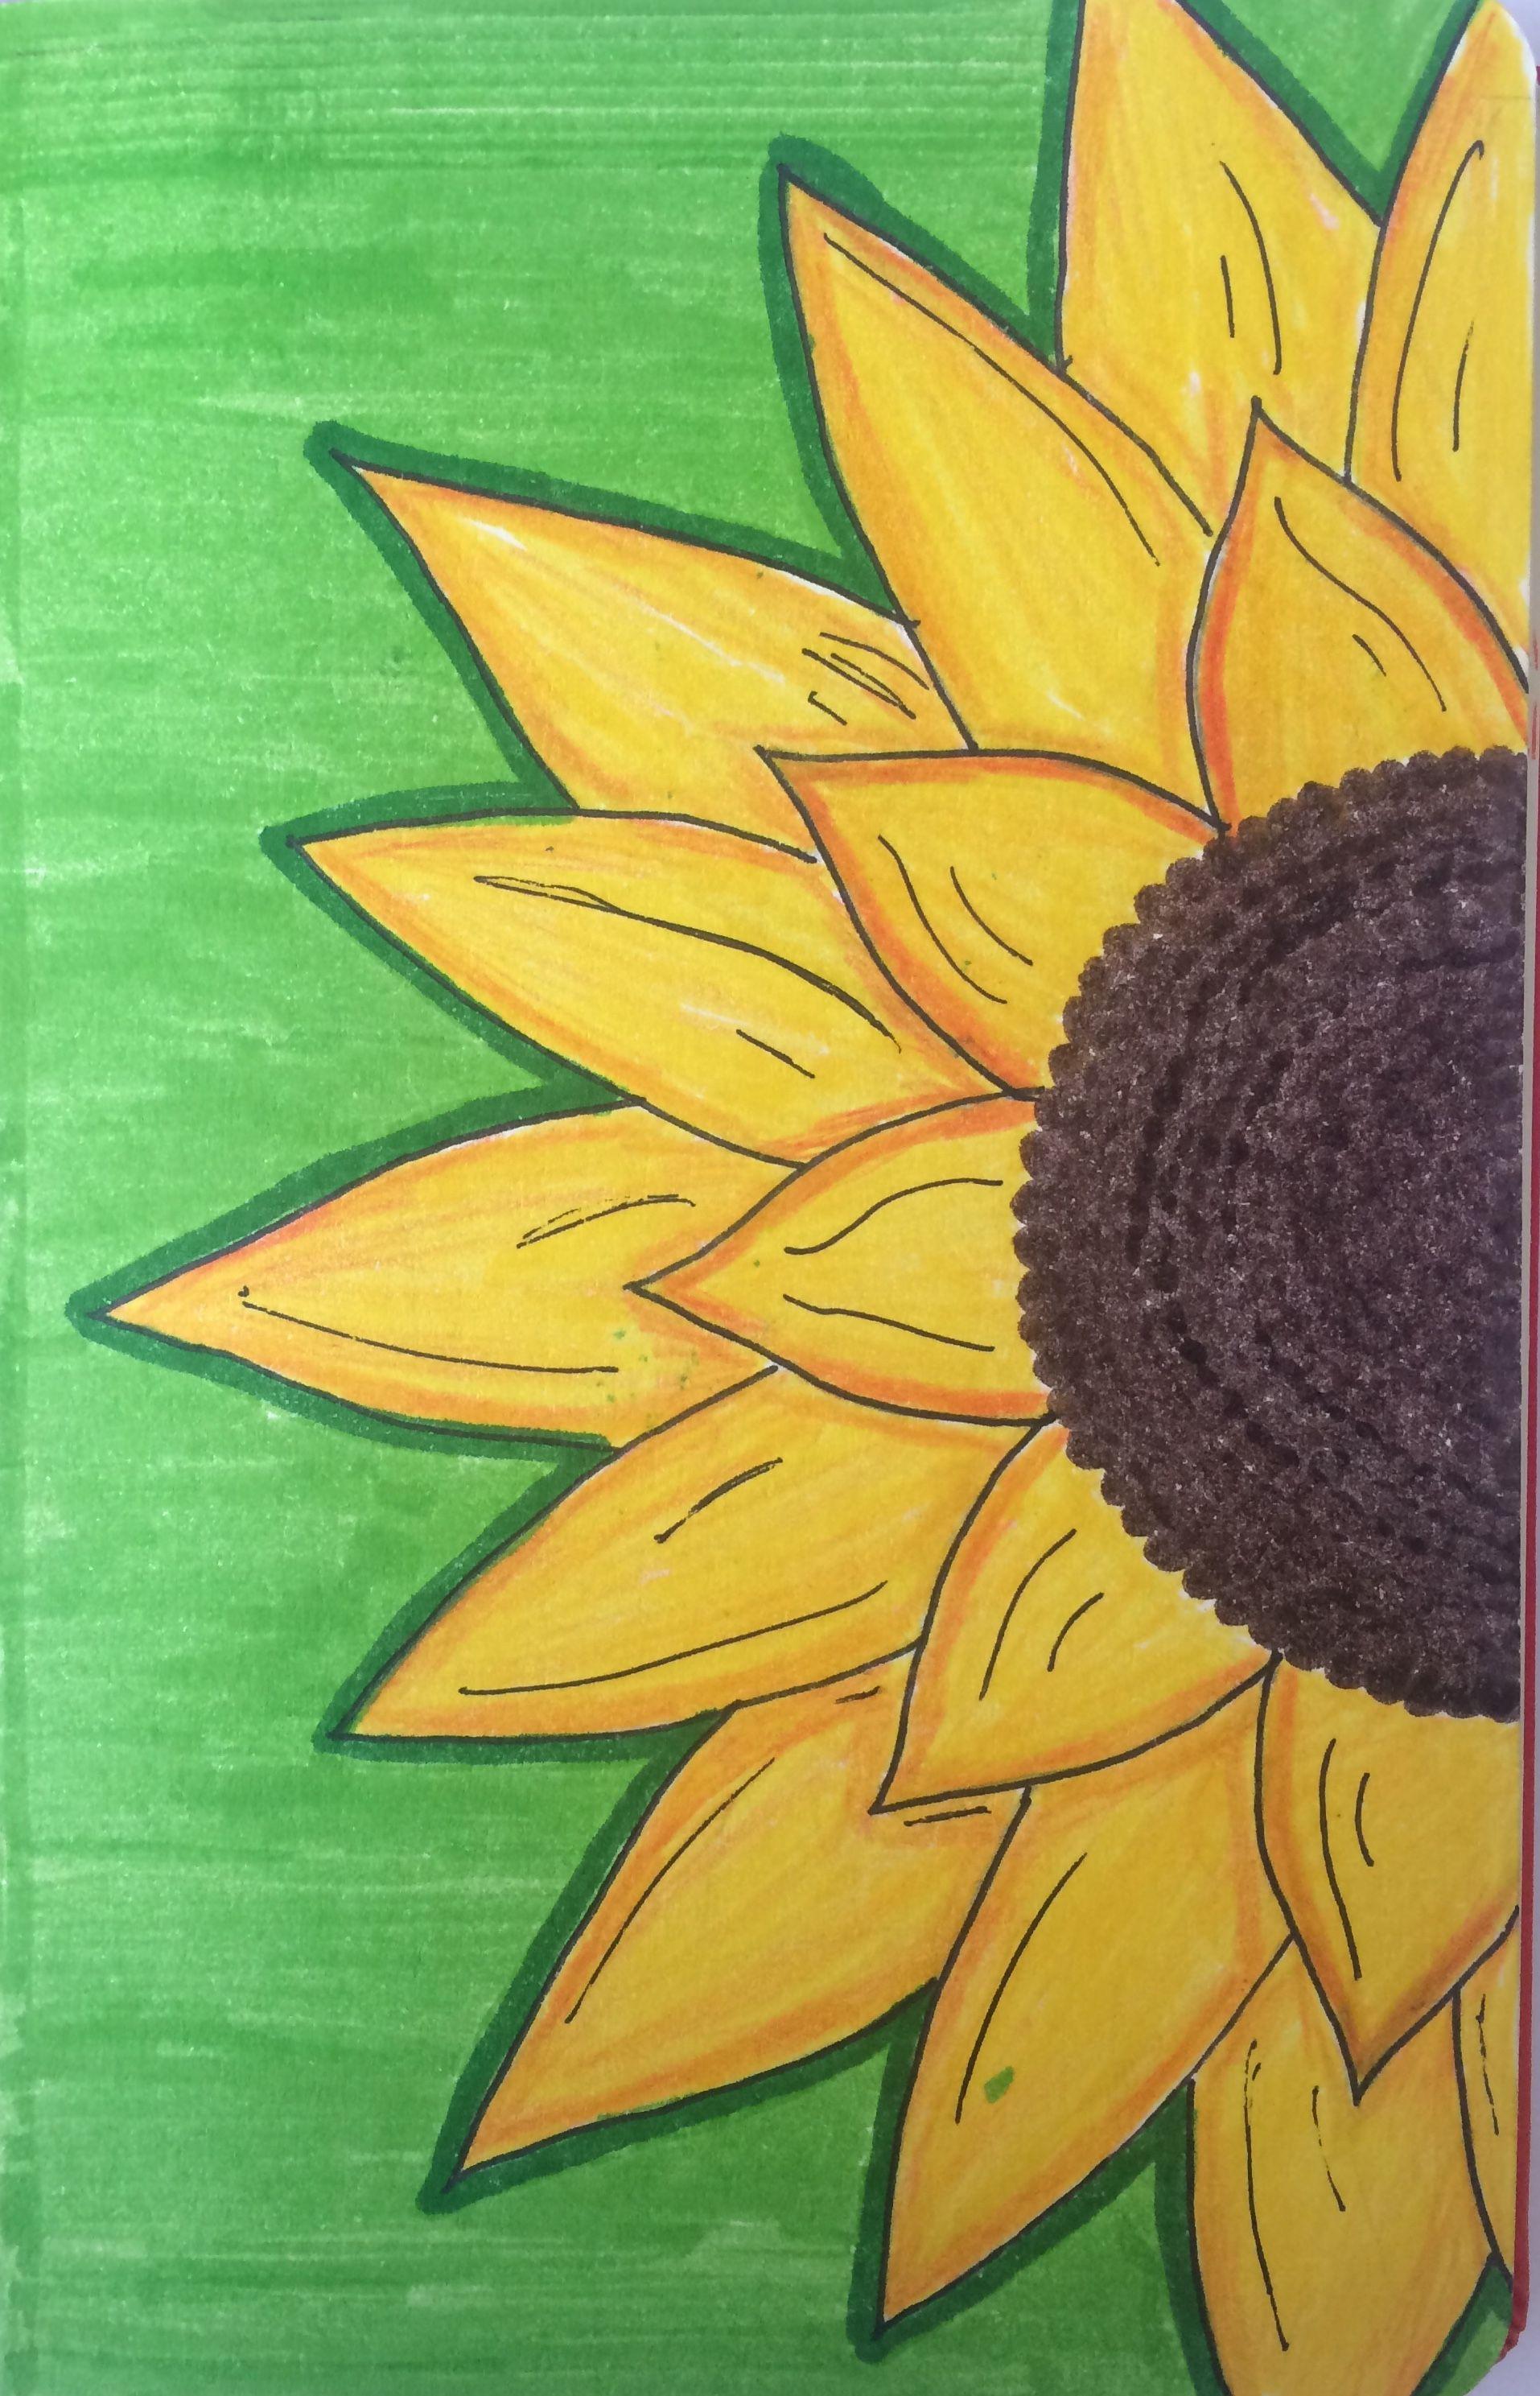 Me Gusra Dibujos Simples Tumblr Girasoles Dibujo Dibujos Tumblr